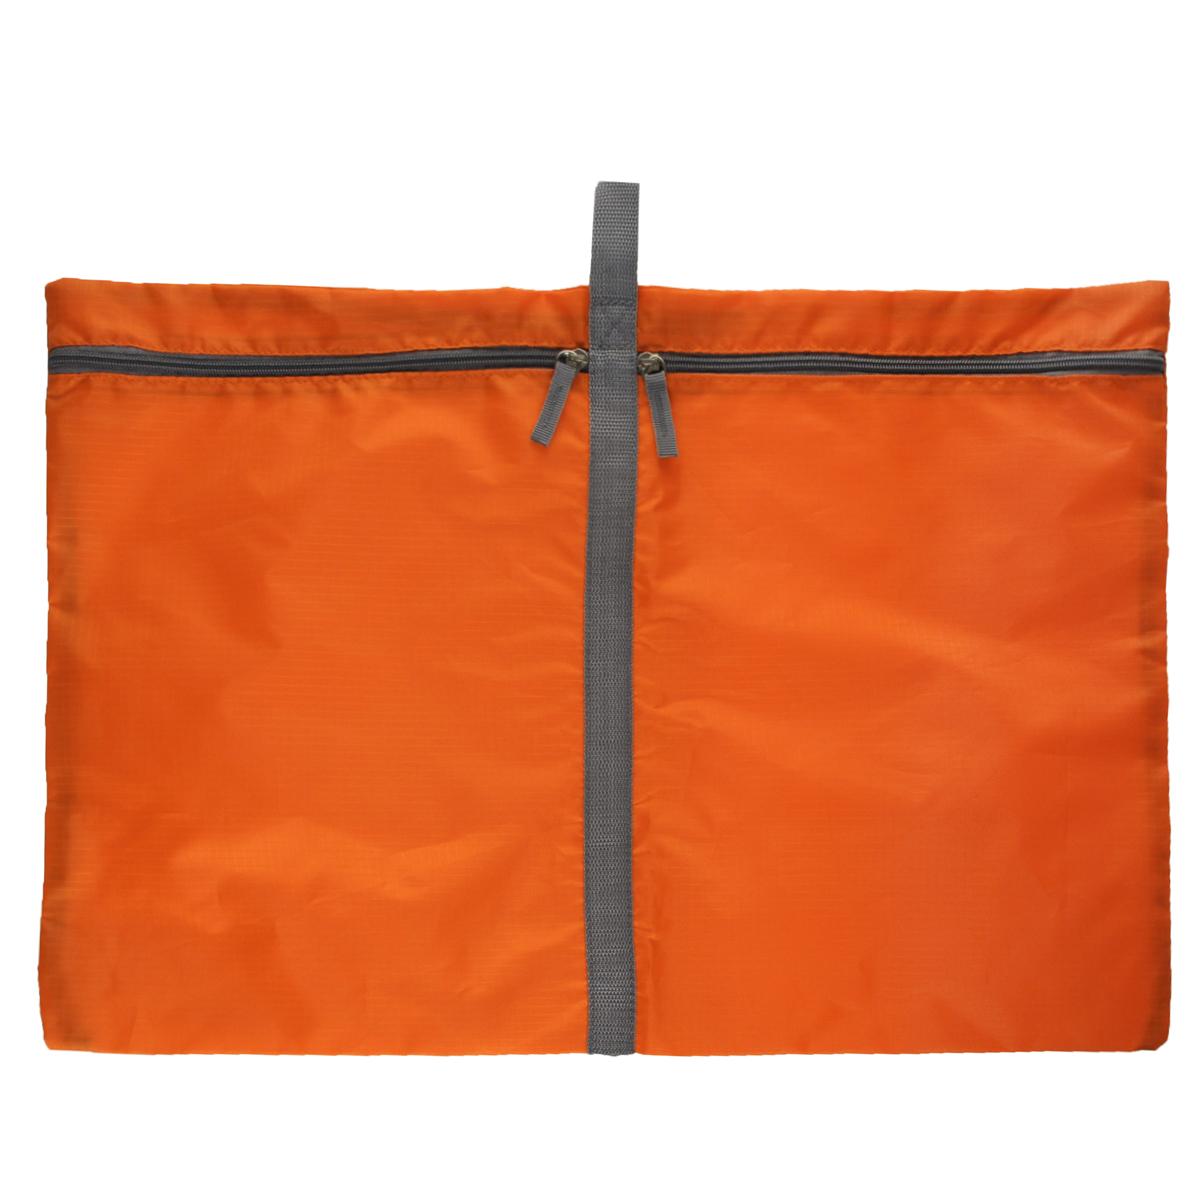 Чехол для белья Hausmann, 60 х 40 см3X-306Удобный чехол Hausmann, выполненный из прочного дышащего и водонепроницаемого материала, обеспечит надежное хранение вашего белья, защитит от повреждений во время хранения и транспортировки. Особая фактура ткани не пропускает пыль и при этом позволяет воздуху свободно проникать внутрь, обеспечивая естественную вентиляцию. Чехла имеют петлю, за которую его можно повесить. Чехол разделен на два отделения, которые закрываются на молнию. Он будет незаменим в командировке или бизнес-поездке.